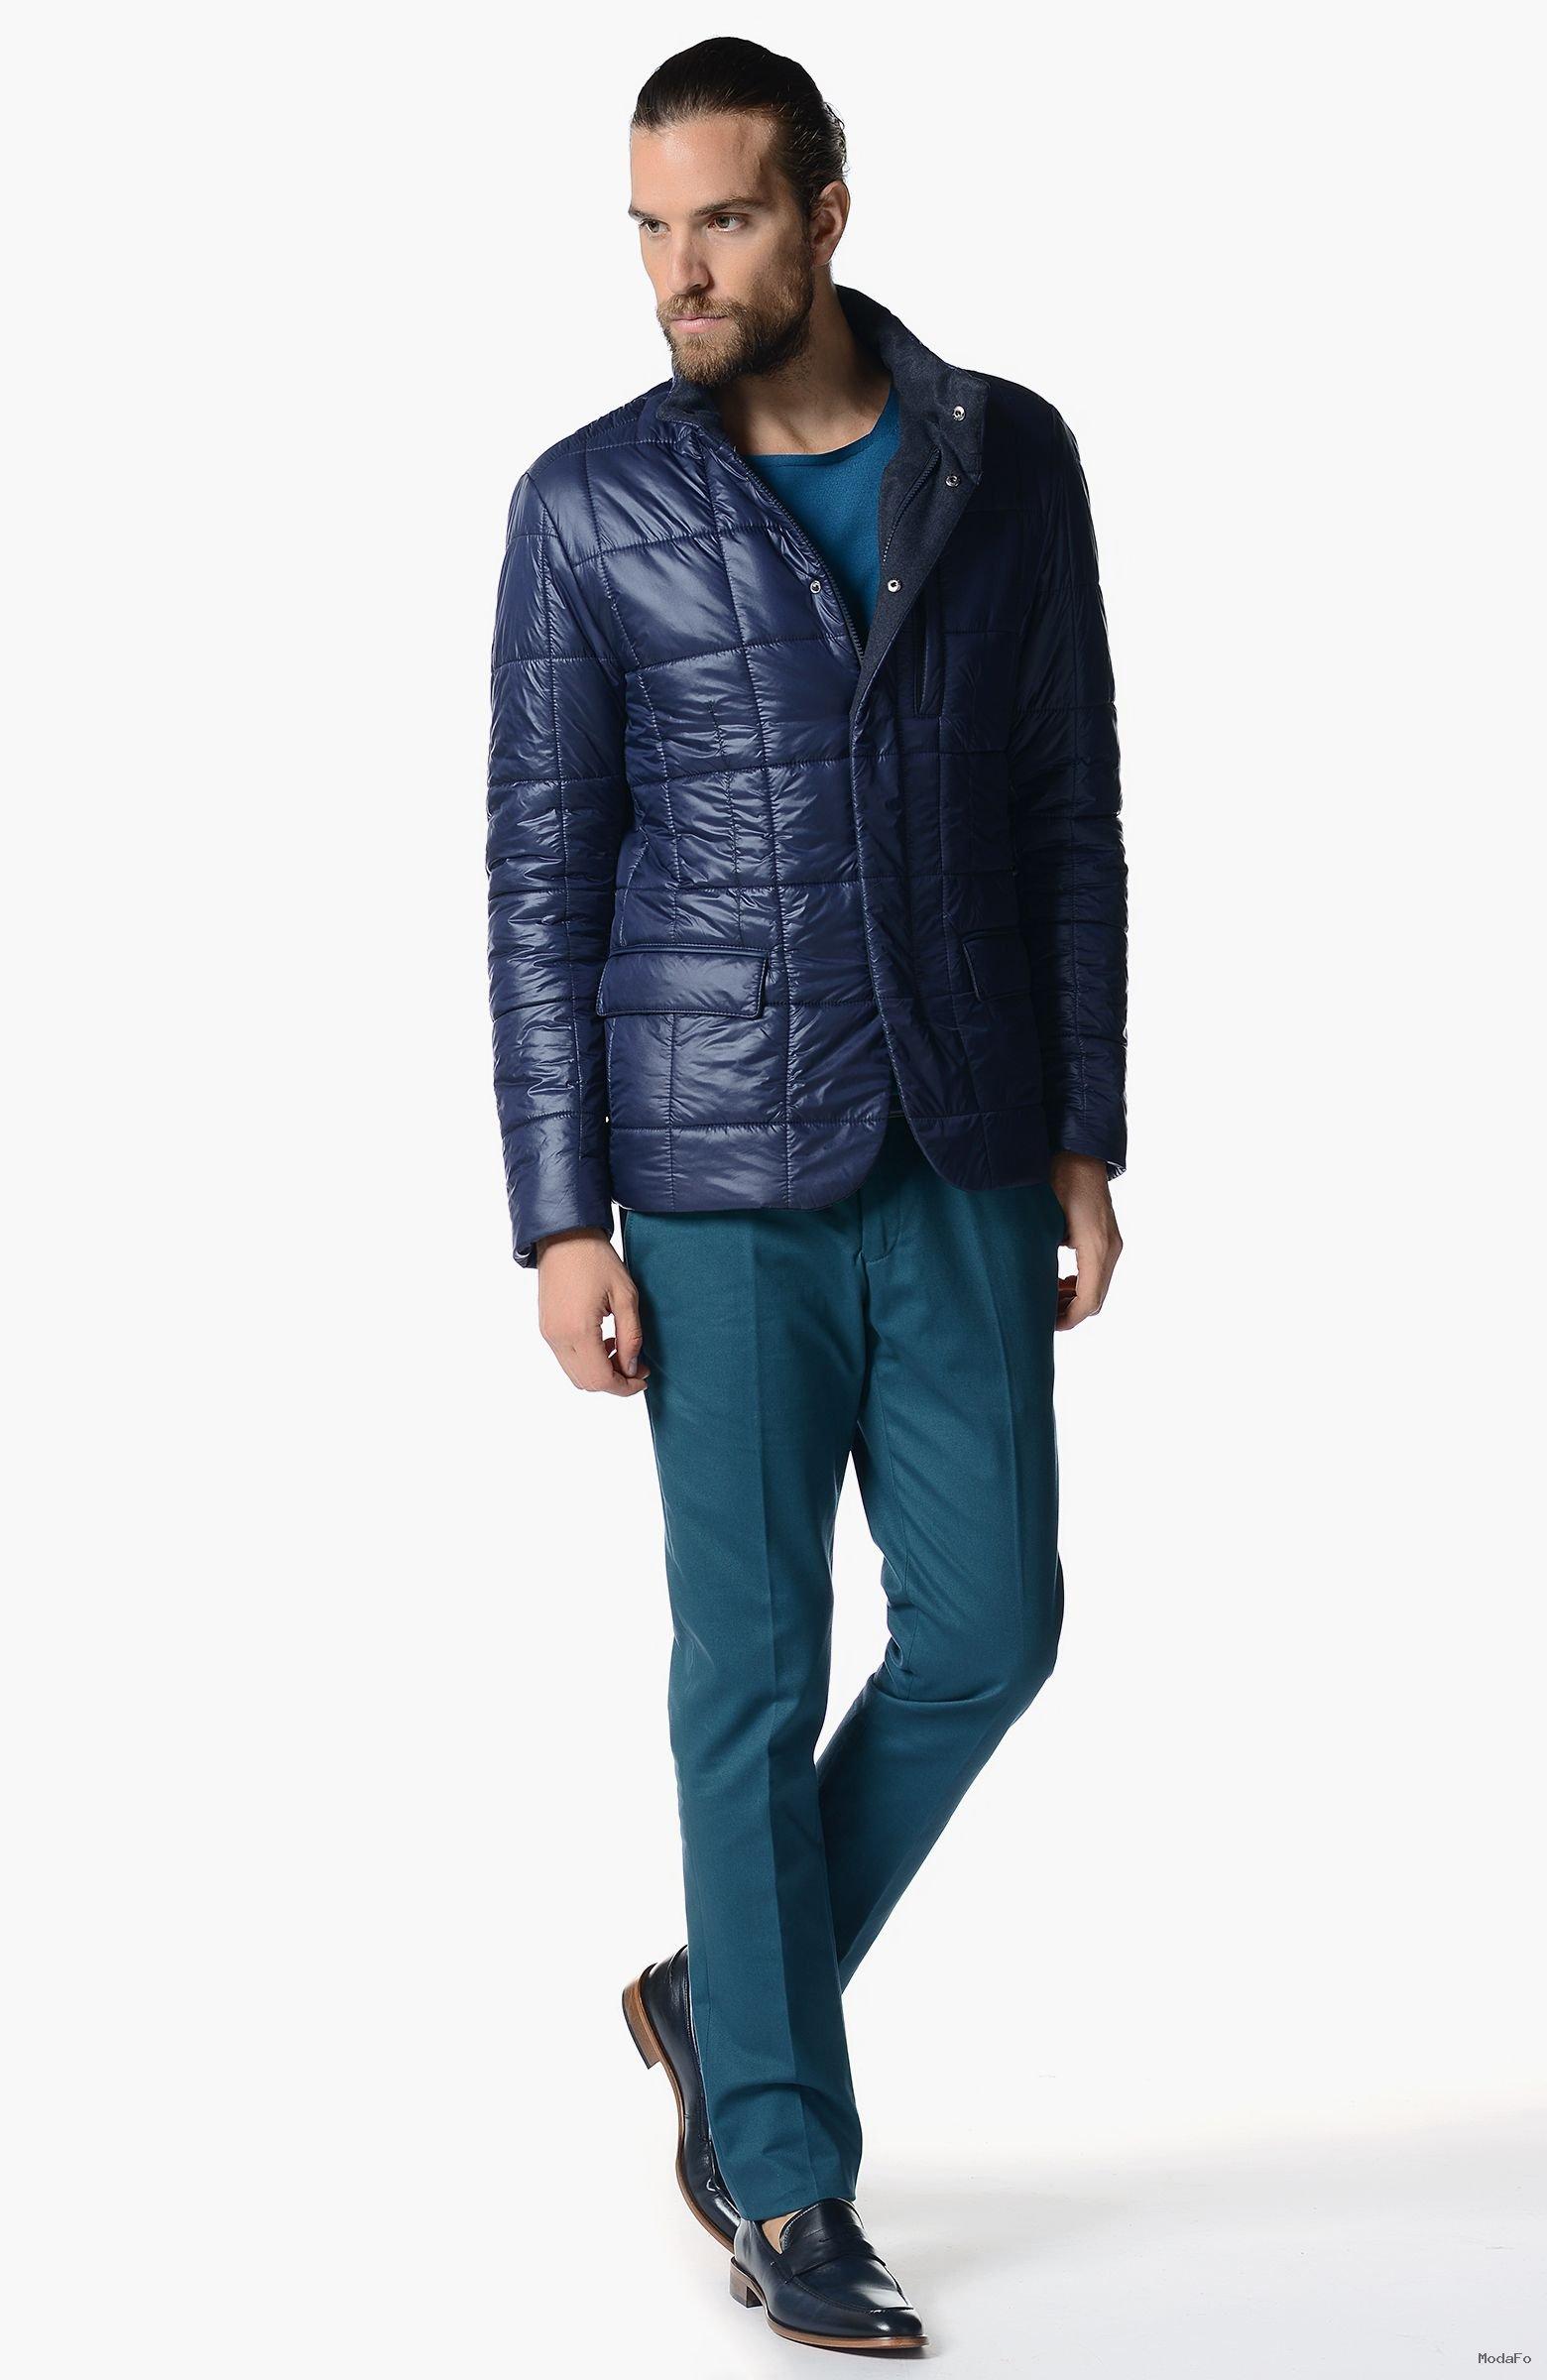 2016 Kış Sezonu Erkek Dış Giyim Modelleri - mont modelleri erkek modası